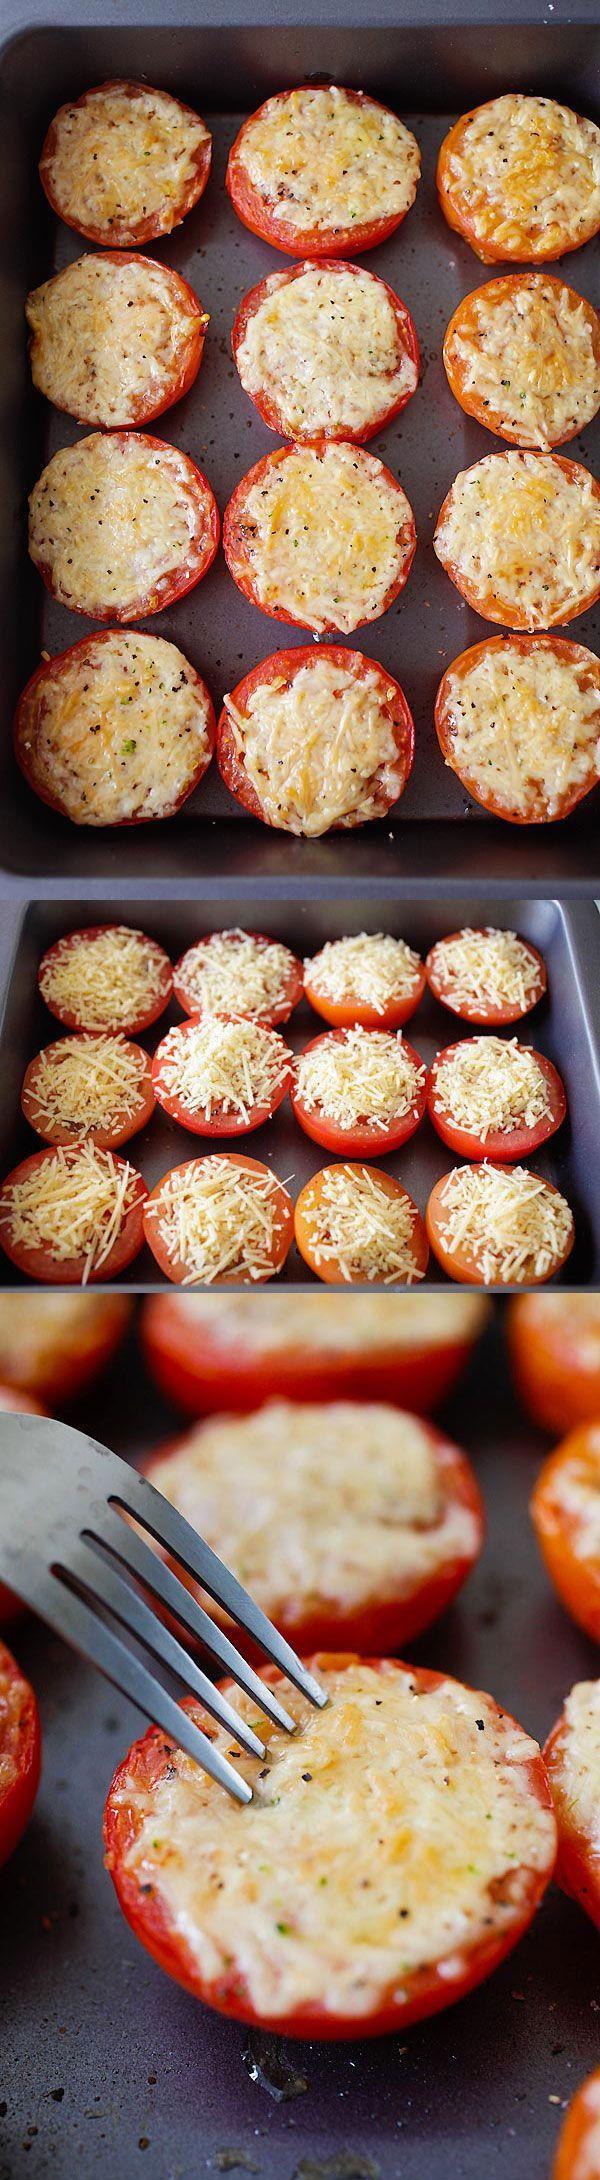 Tomates assados recheados com queijo